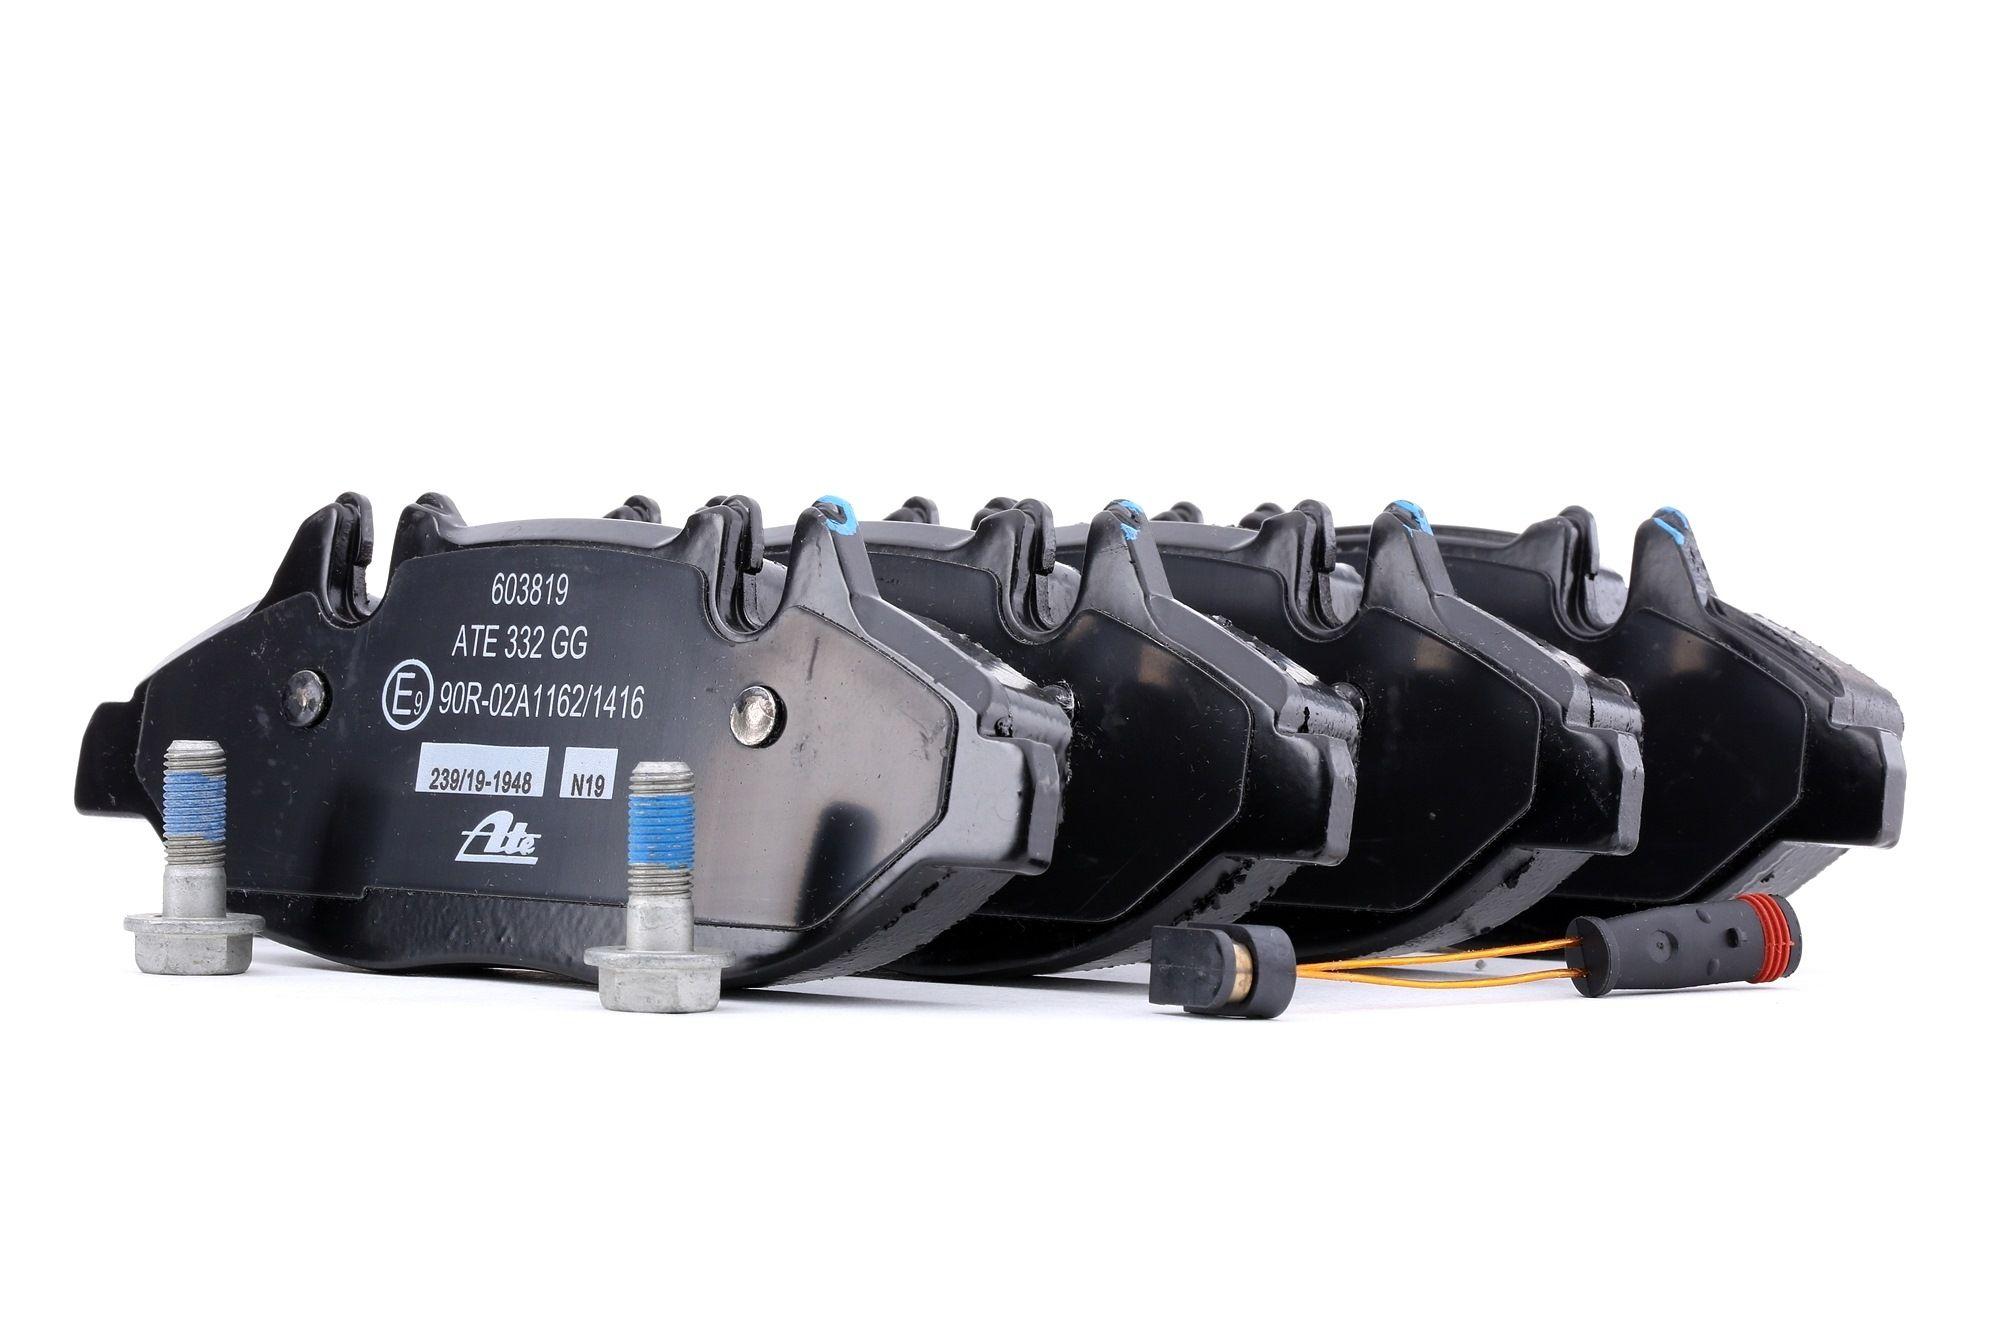 MERCEDES-BENZ VITO 2015 Bremsklötze - Original ATE 13.0460-3819.2 Höhe: 61,8mm, Breite: 164,8mm, Dicke/Stärke: 20,8mm